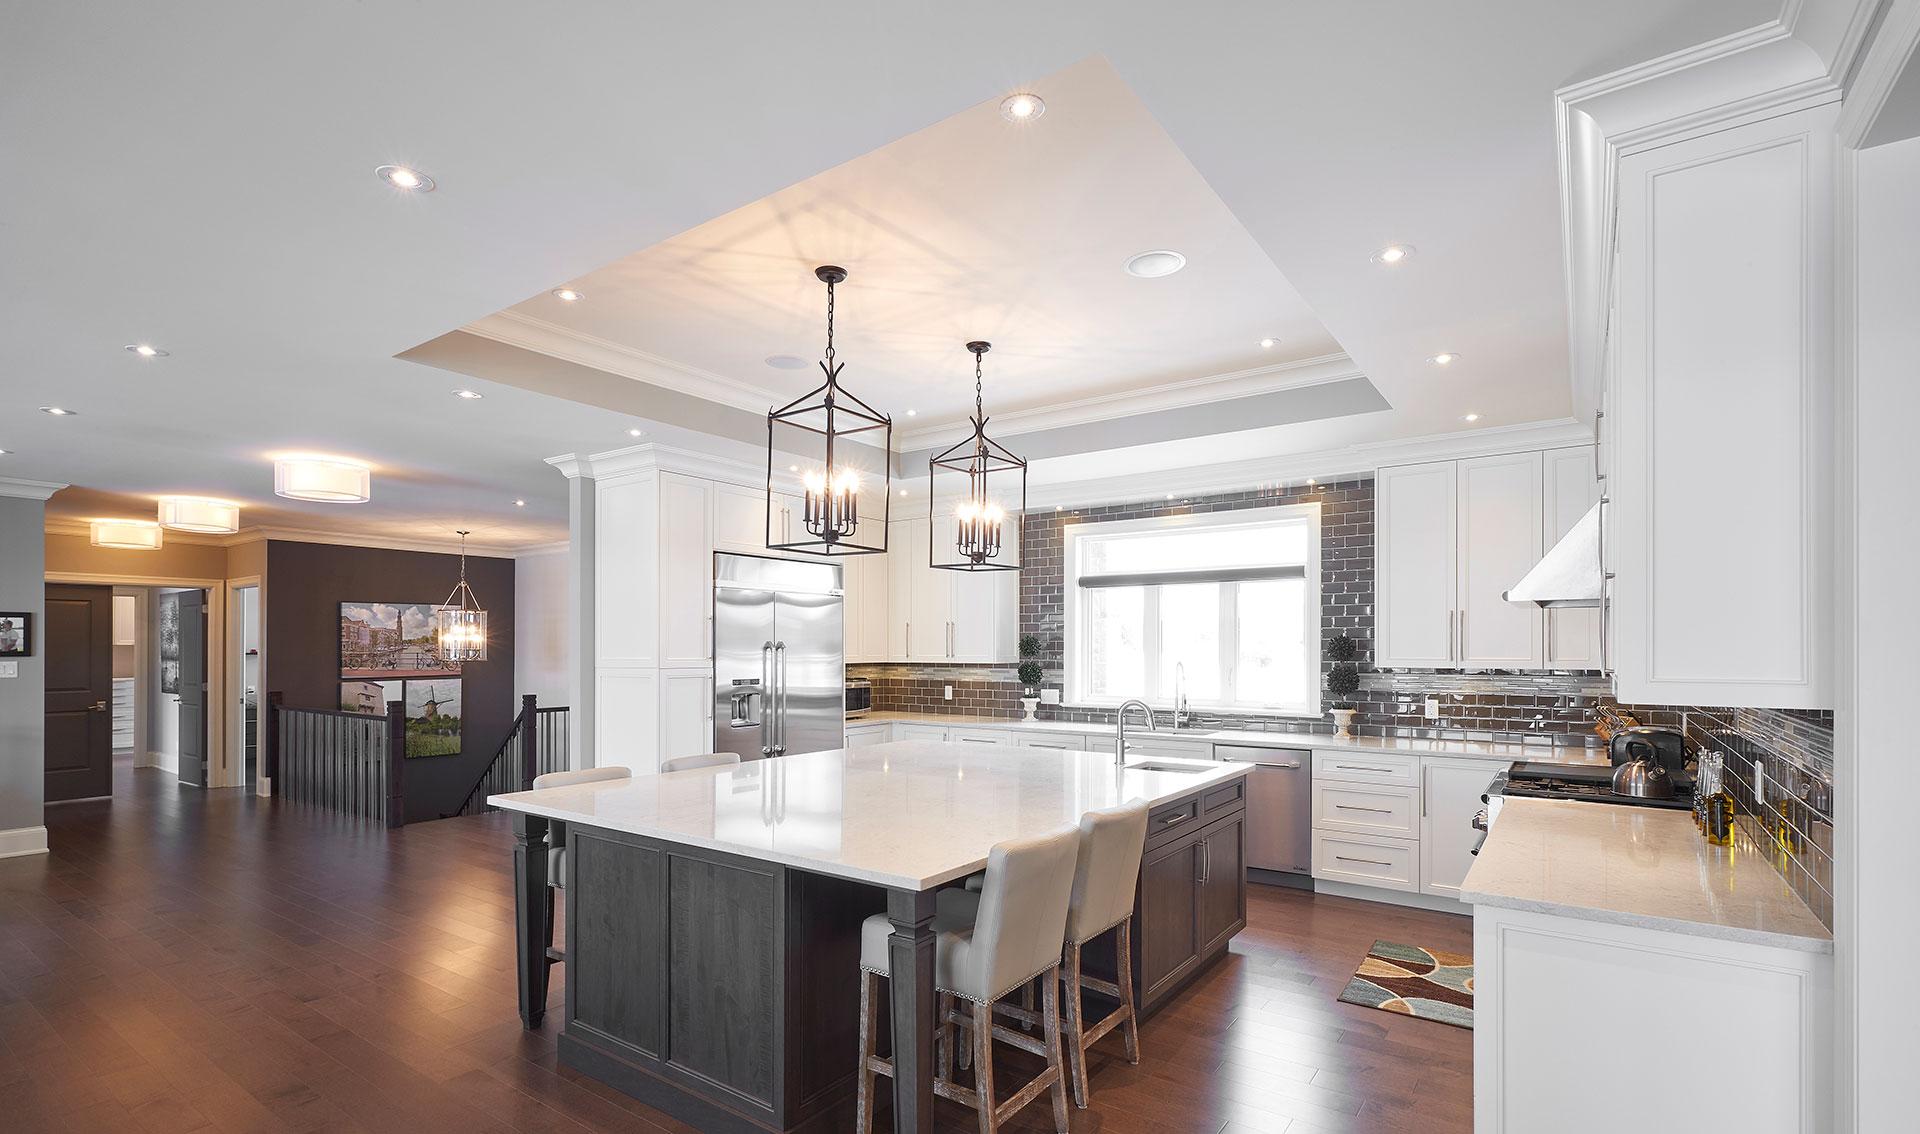 design consultations, interior designer cornwall, interior designer ottawa, Designer On Call - Sheridan Interiors, sheridan interiors kitchens and baths